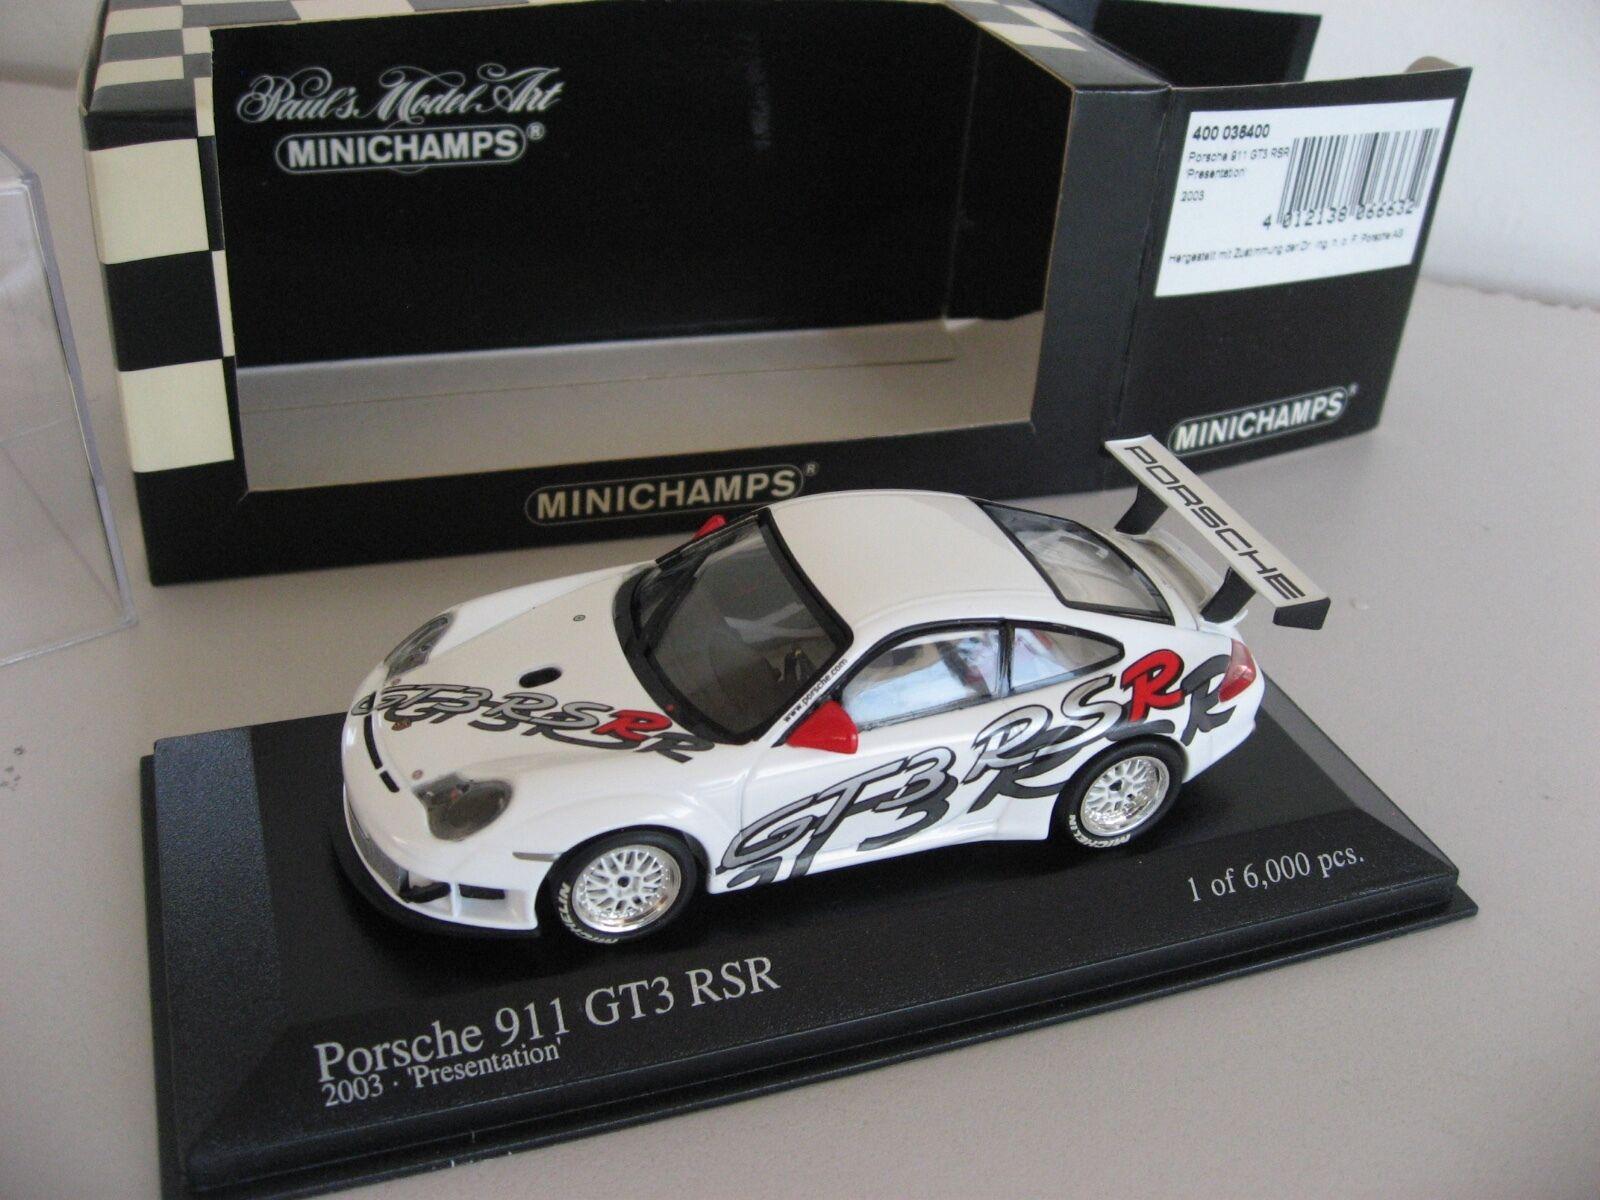 promociones de equipo 2003 Porsche Porsche Porsche 996 911 GT3 RSR 1 de sólo 6,000 1 43 Minichamps presentación coche  connotación de lujo discreta